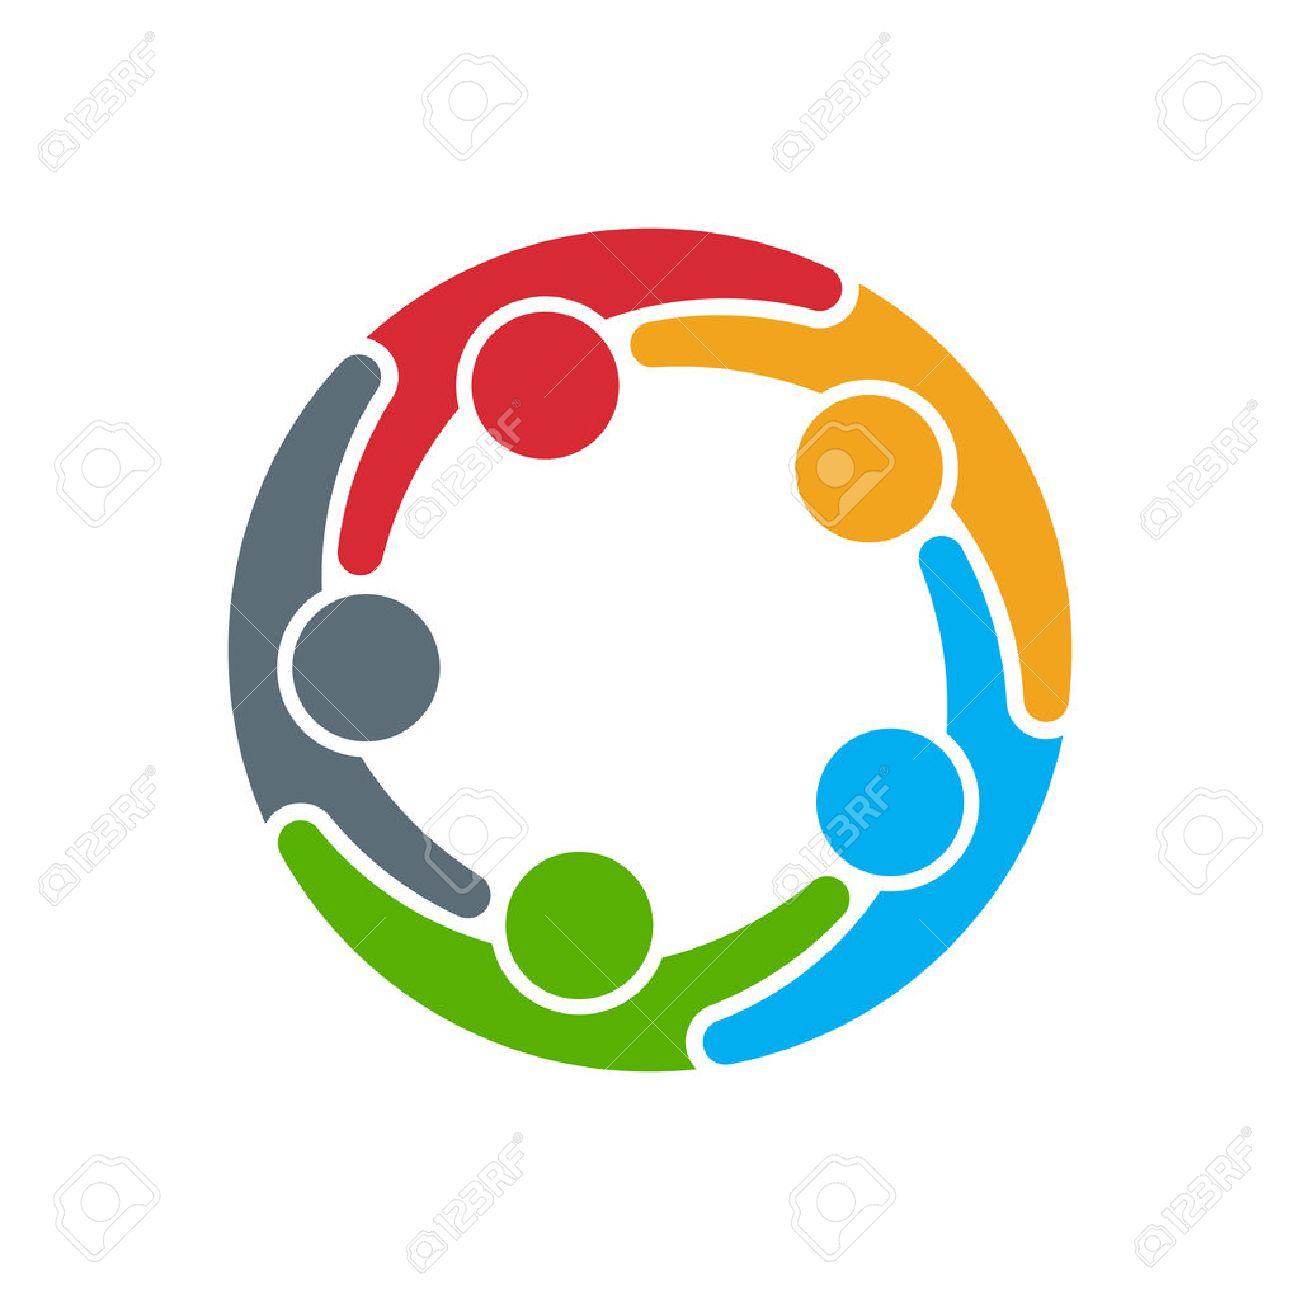 People icon. Gruppo di cinque persone in cerchio Archivio Fotografico - 45017687